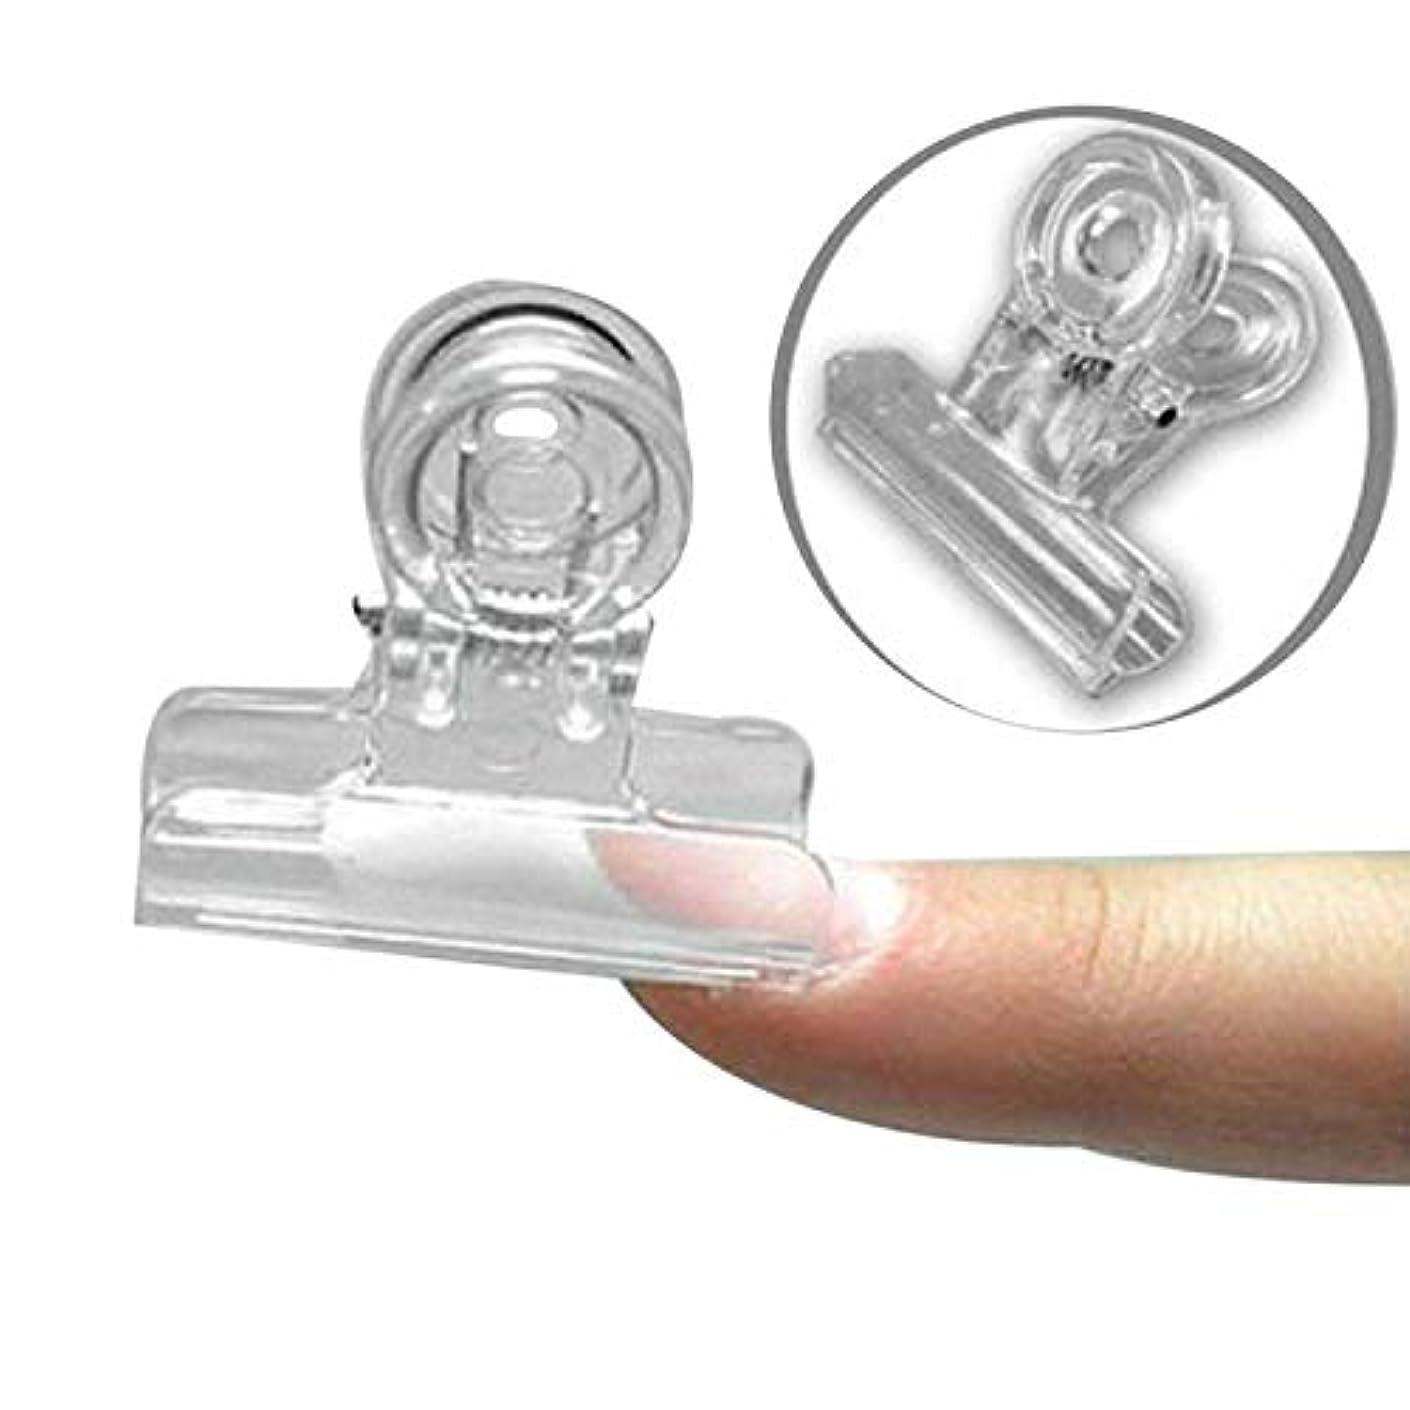 リットル使用法別のTOOGOO カーブネイルピンチクリップツール多機能プラスチック爪 ランダムカラー(トランスペアレント)